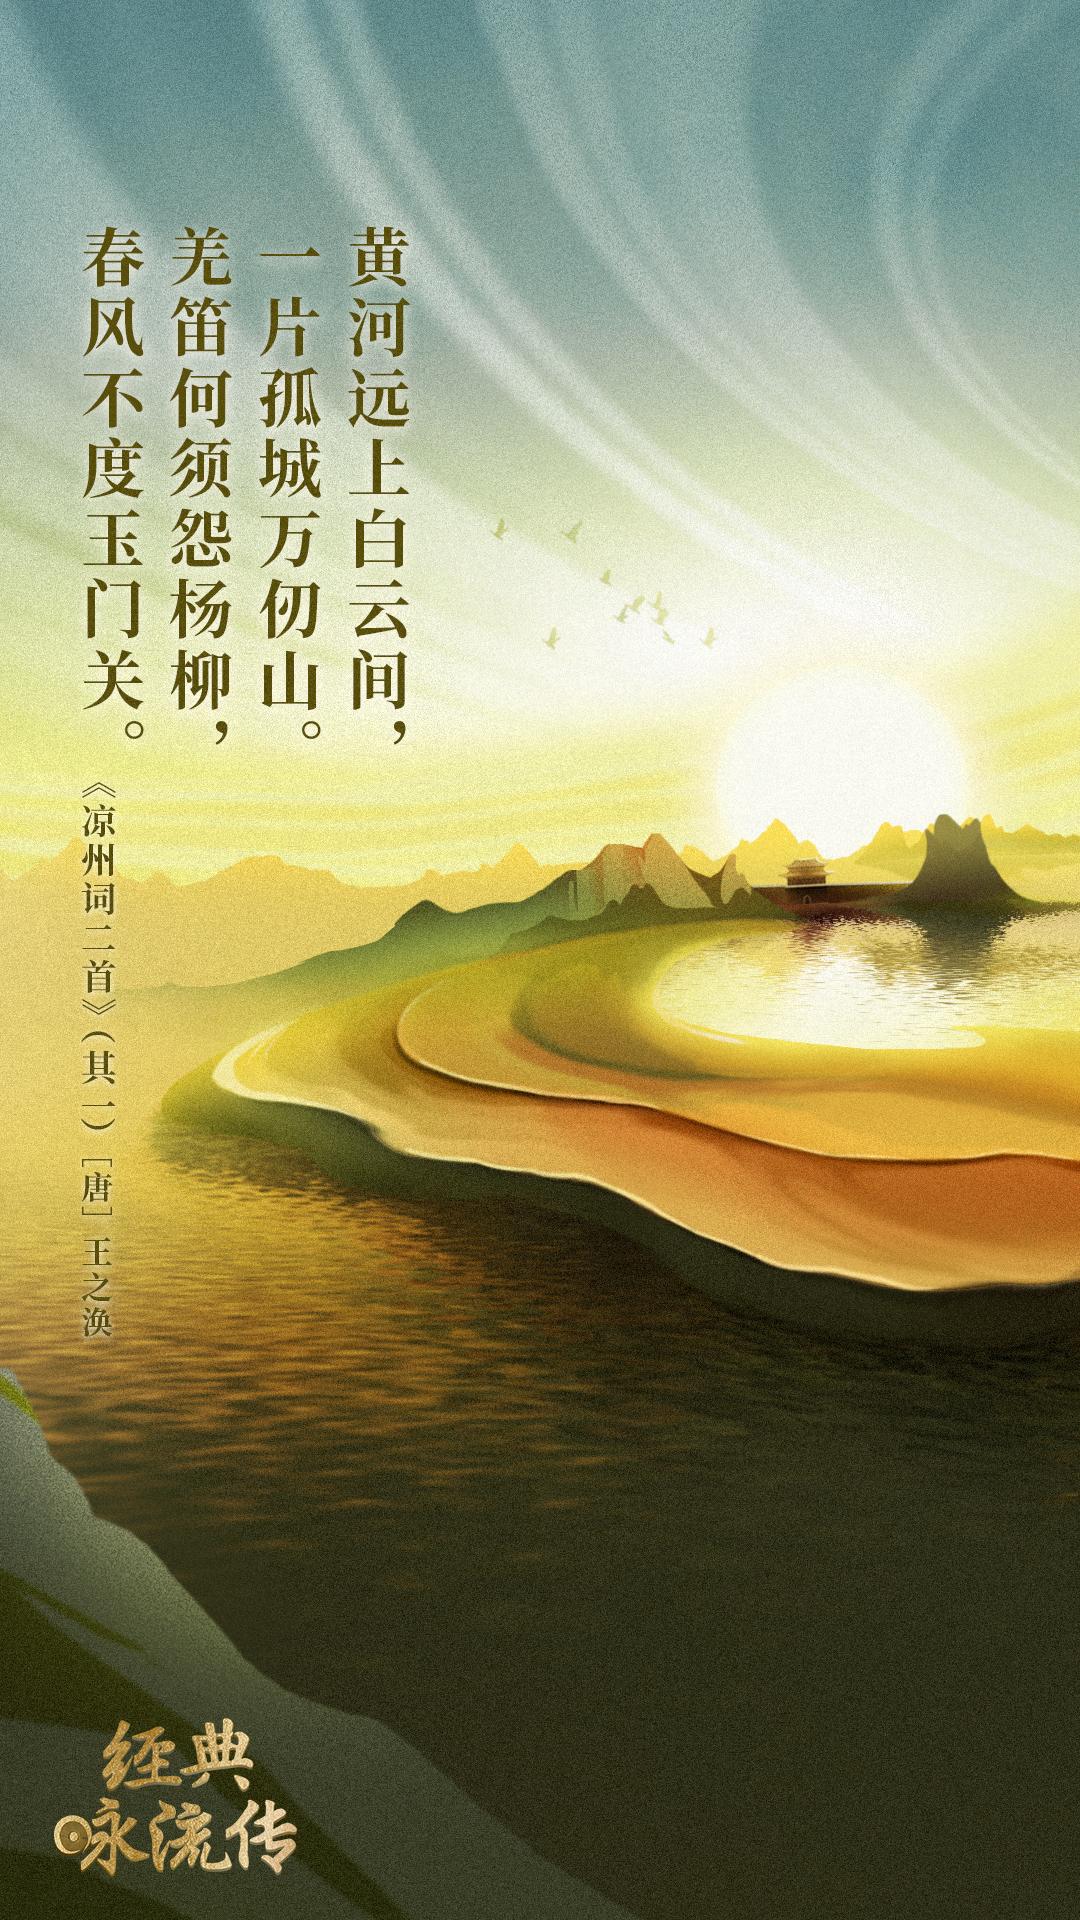 《经典咏流传》诗词意境海报合集 欣赏-第31张